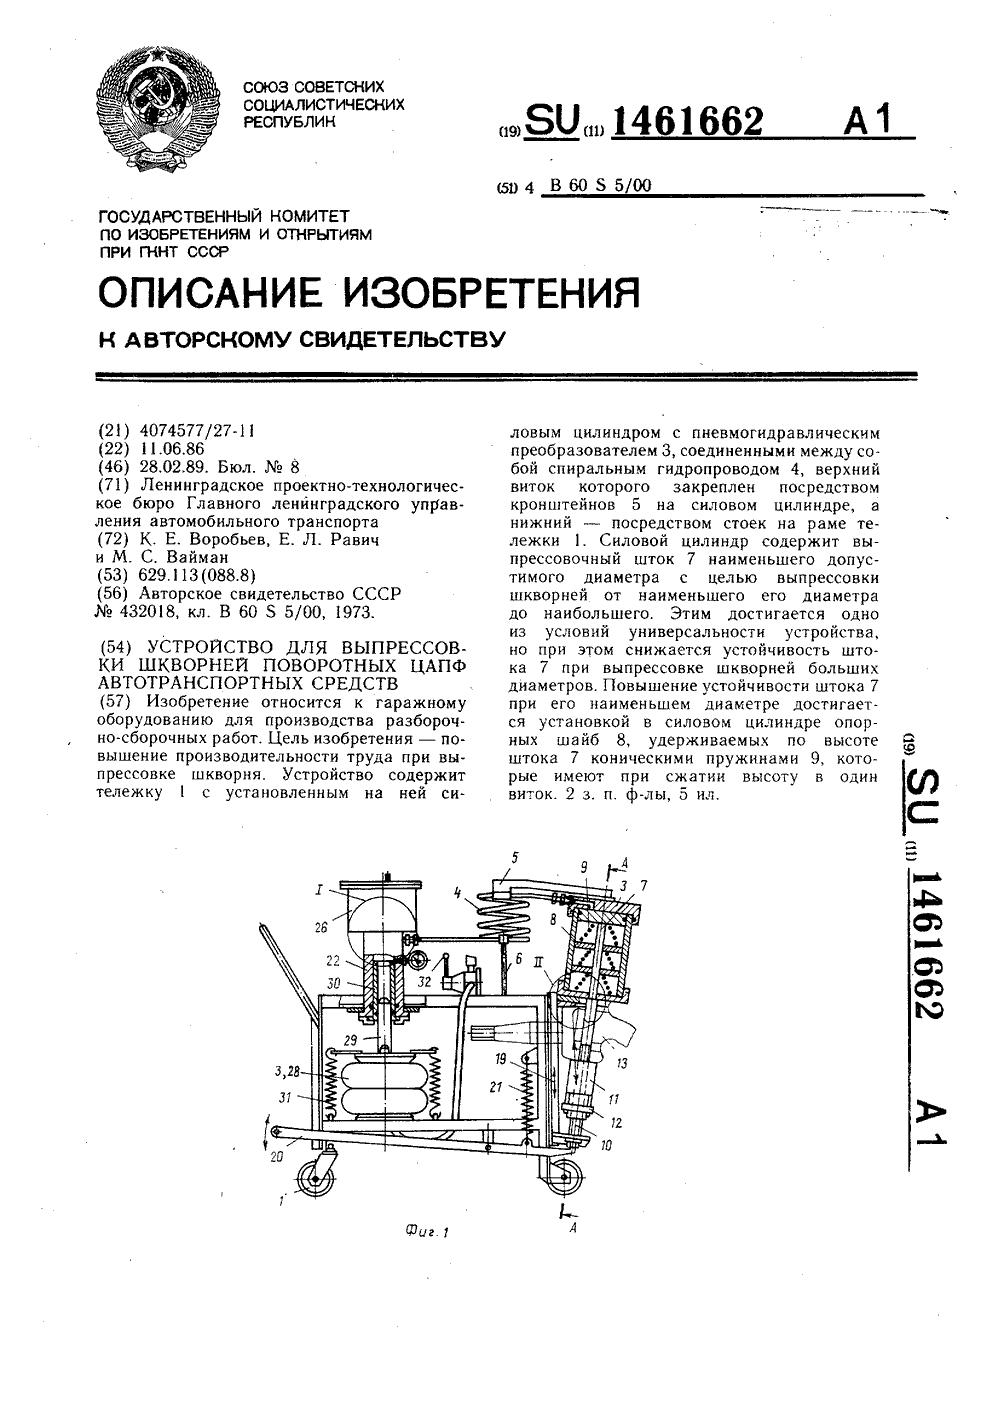 инструкция применения кантователей при ремонте тележек грузовых вагонов